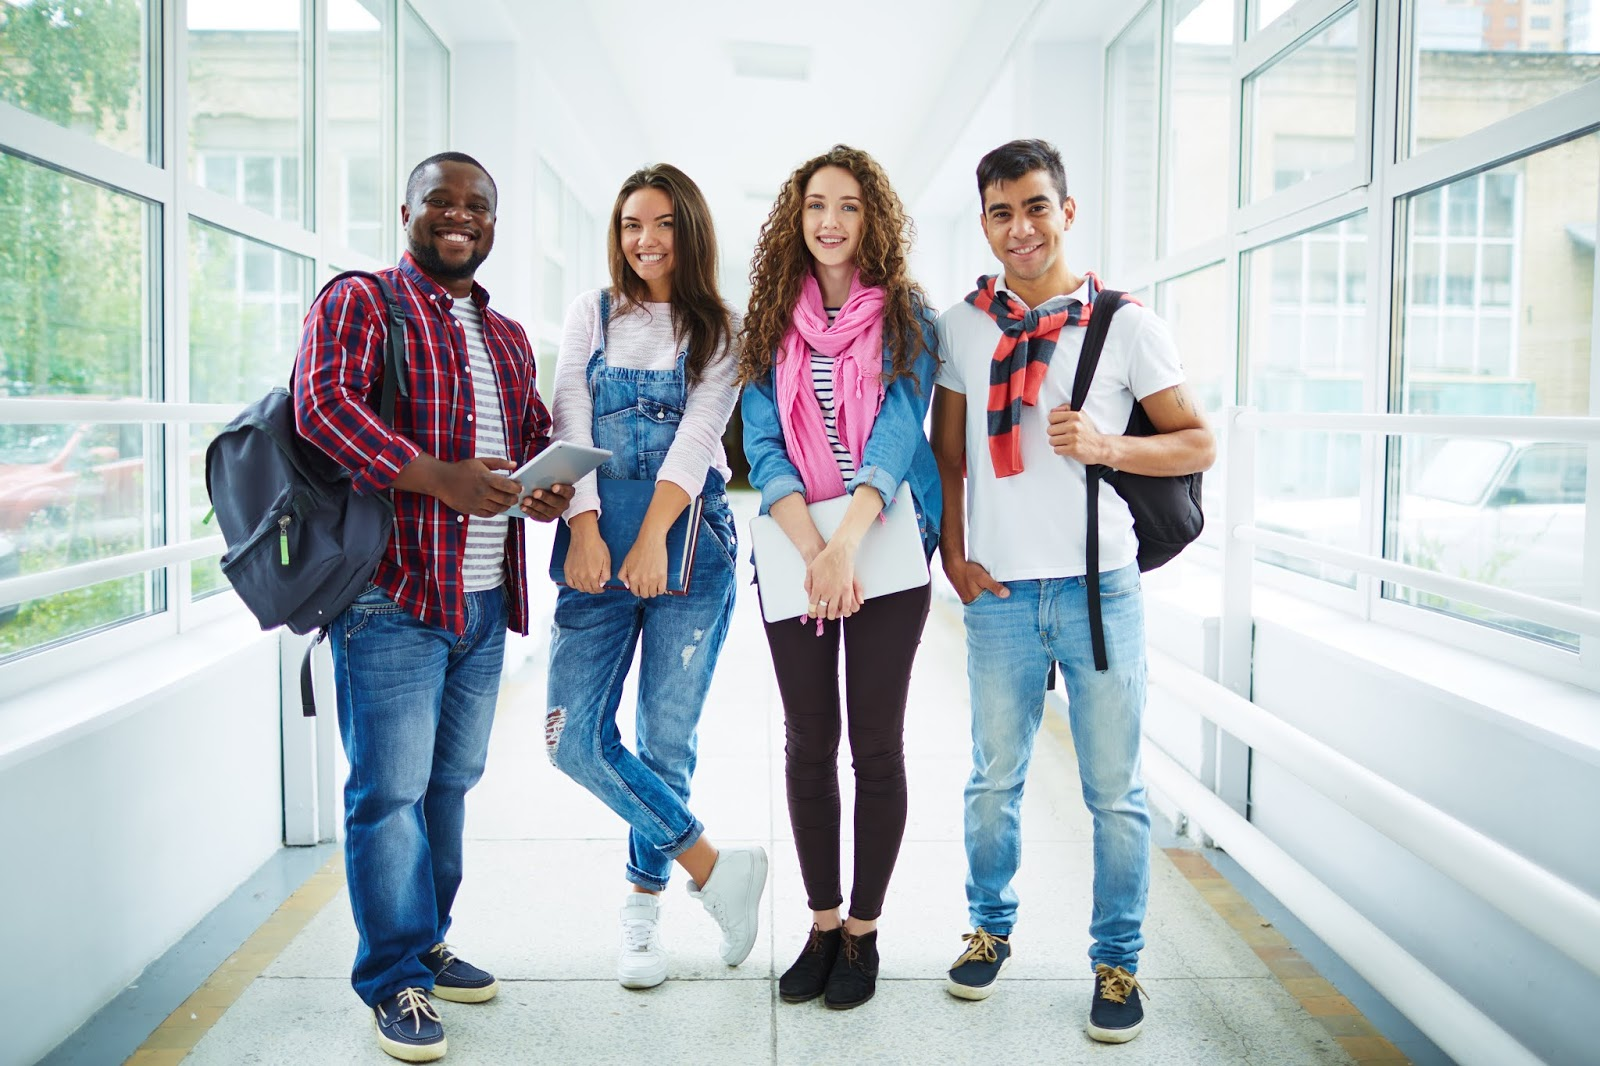 Oportunidade: 18 mil bolsas de estudo para cursos de graduação e pós-graduação disponíveis no Espírito Santo